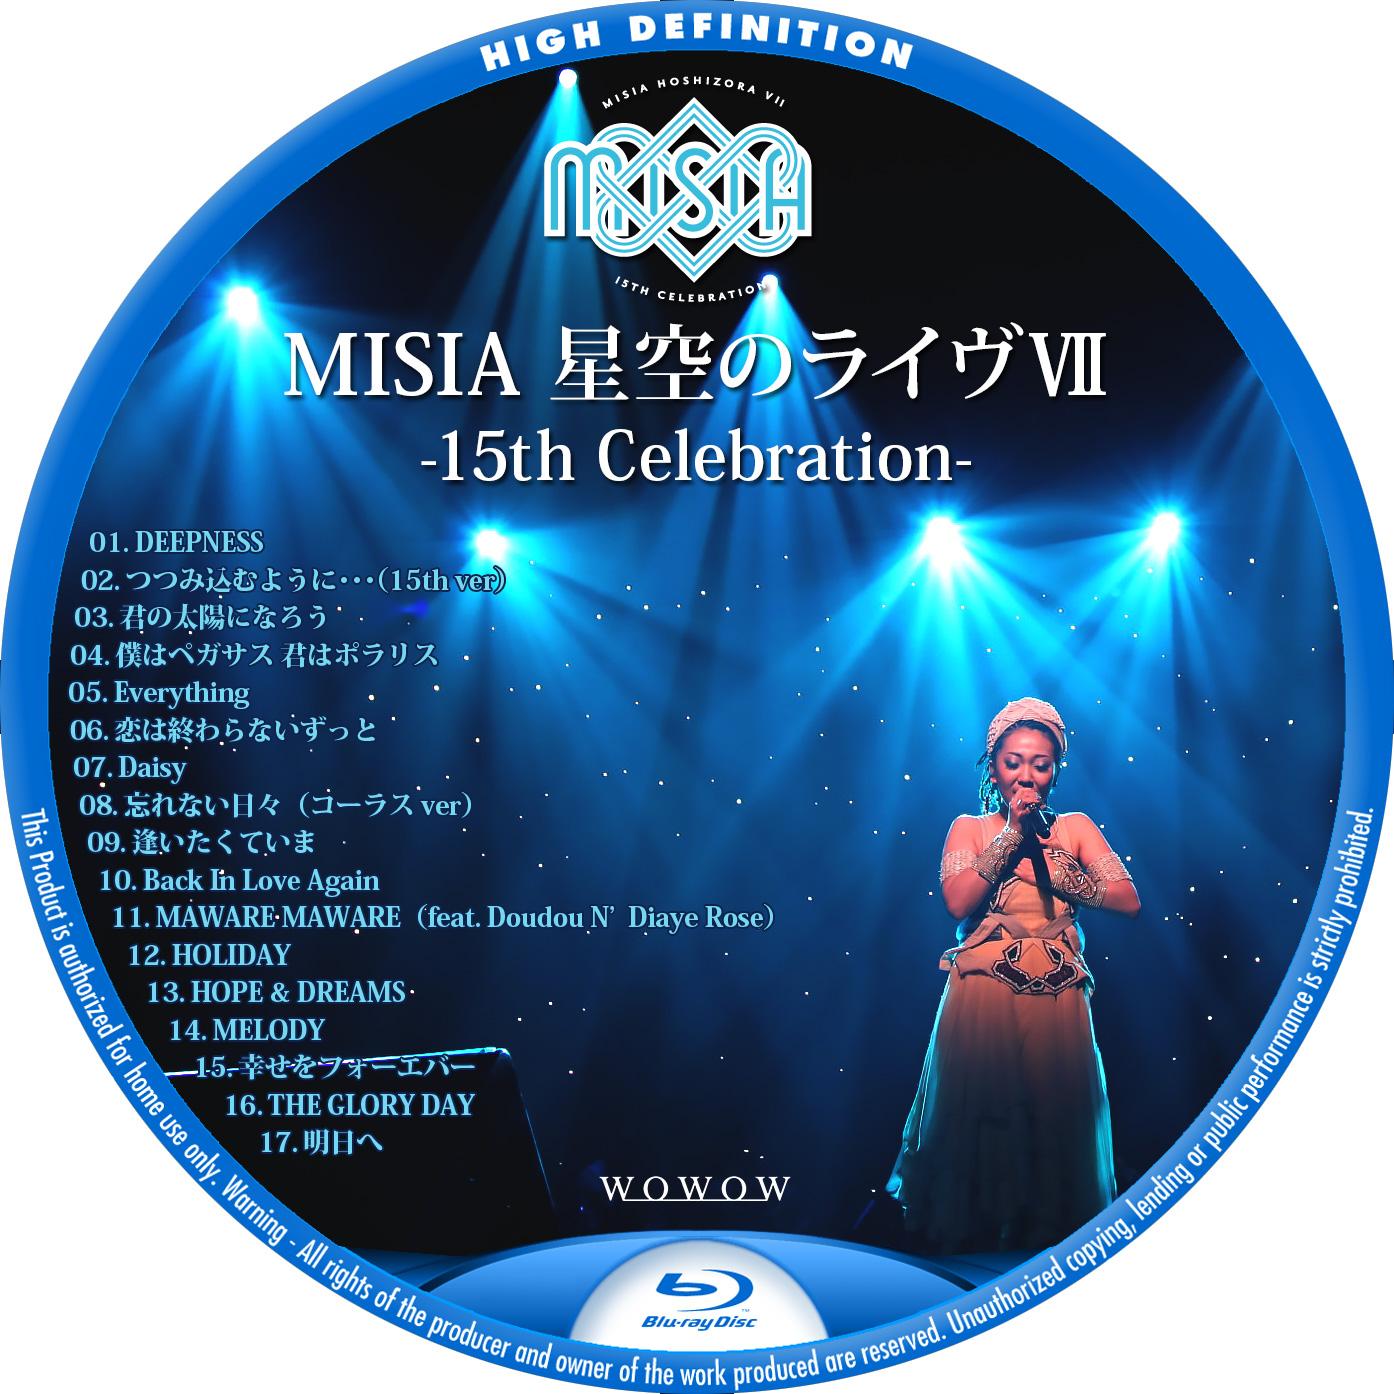 MISIA 星空のライヴⅦ BDラベル